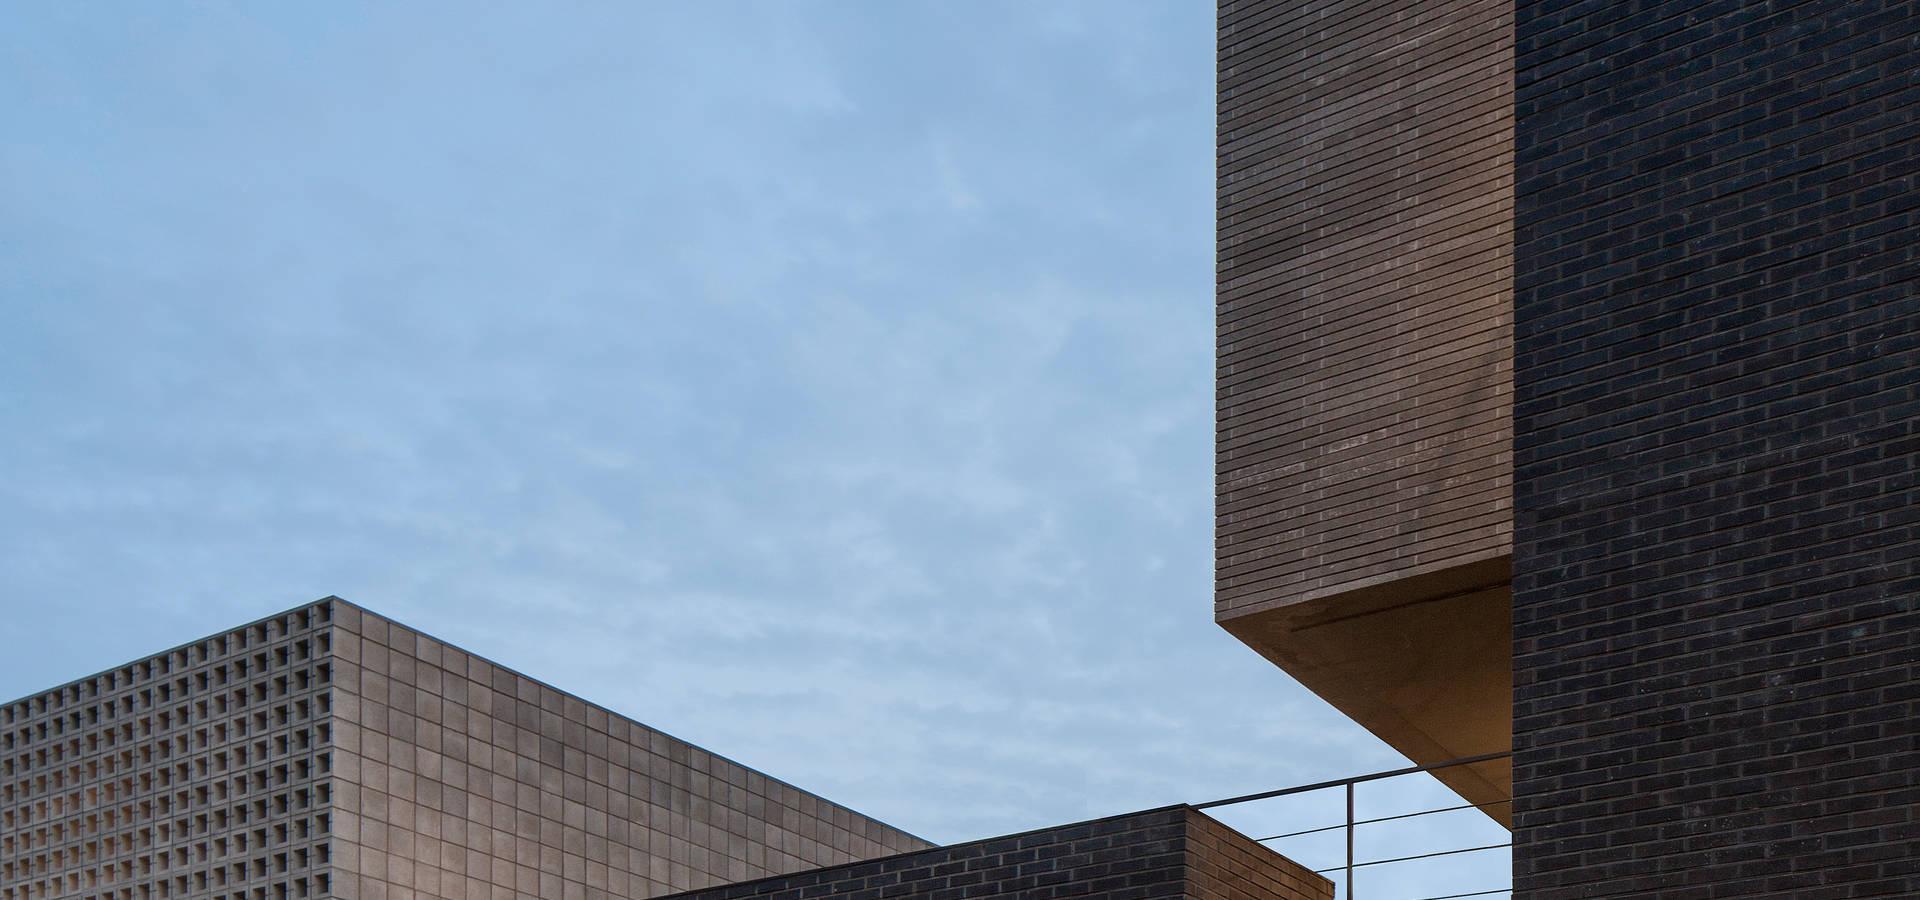 (주)보이드아키텍트 건축사사무소